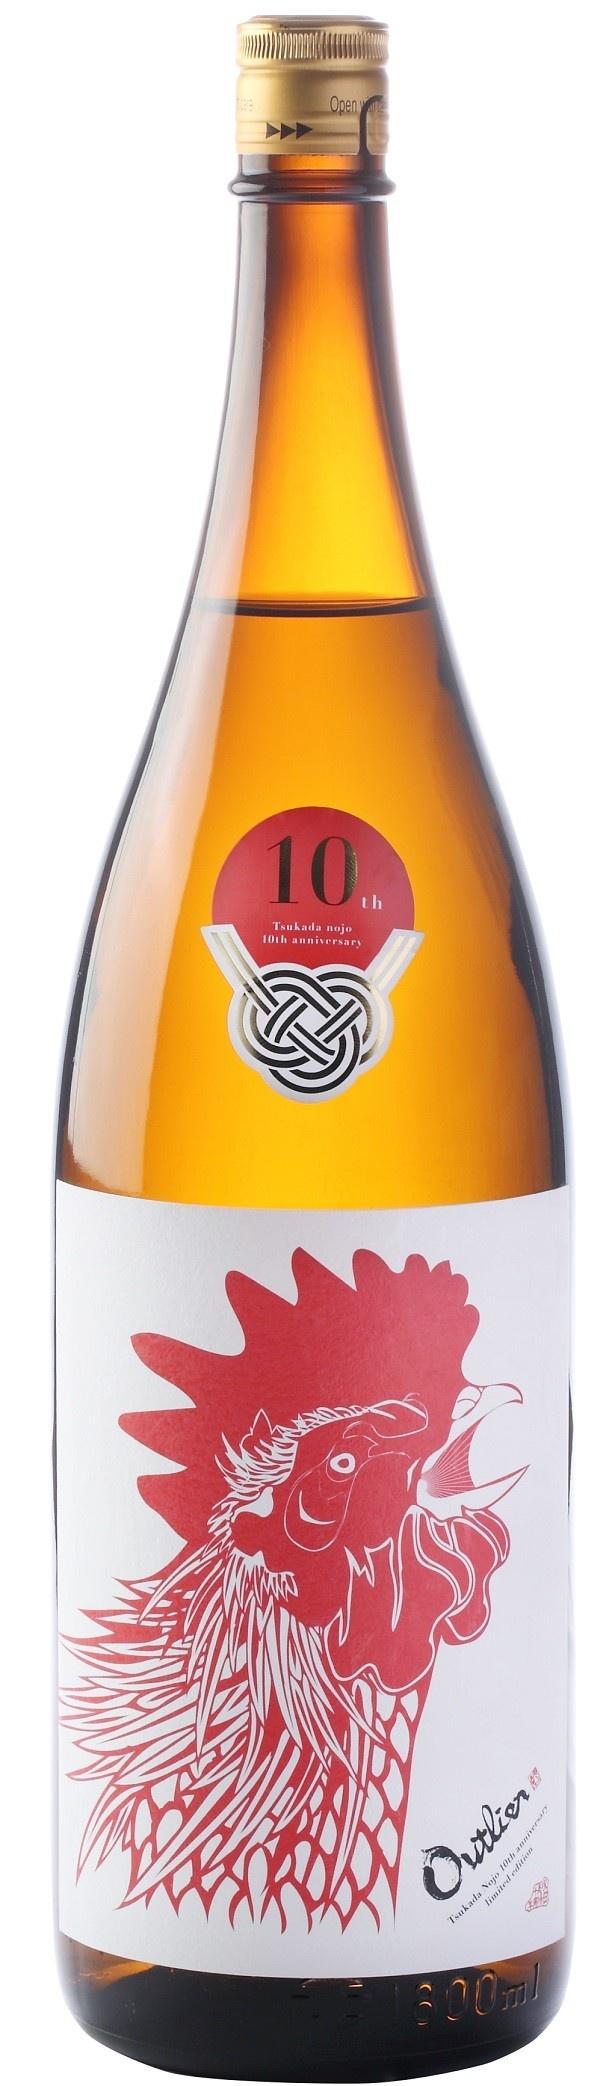 【写真を見る】限定3000本の超希少日本酒